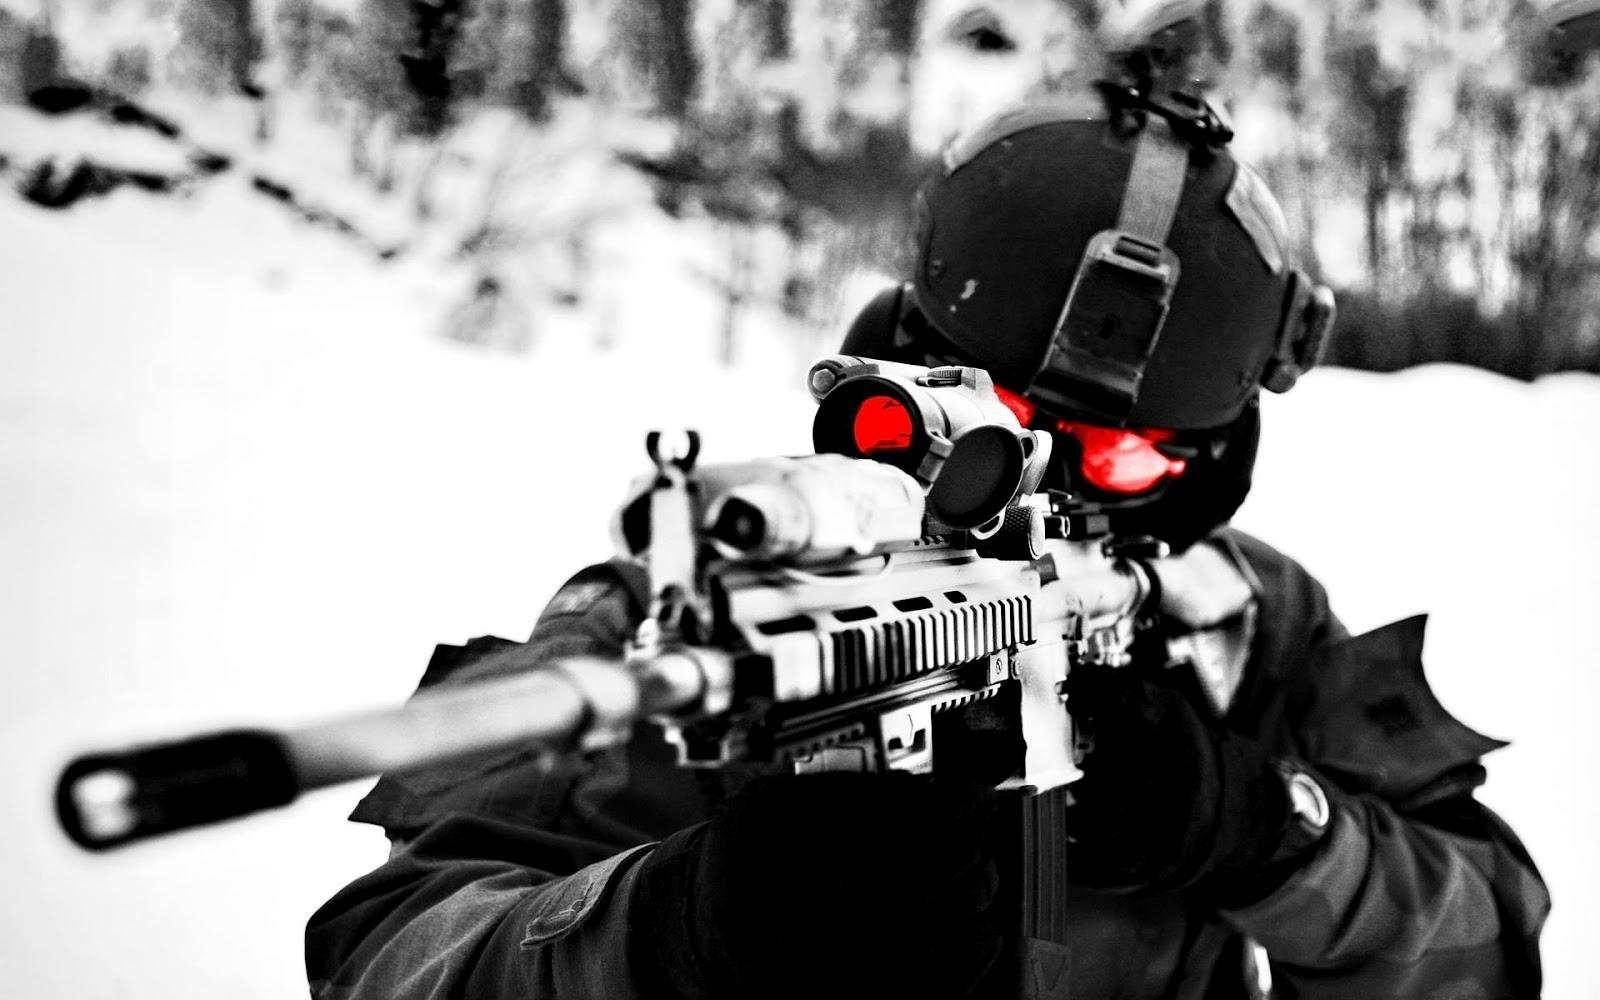 спецназ, обои для рабочего стола, скачать фото, special forces soldier wallpaper